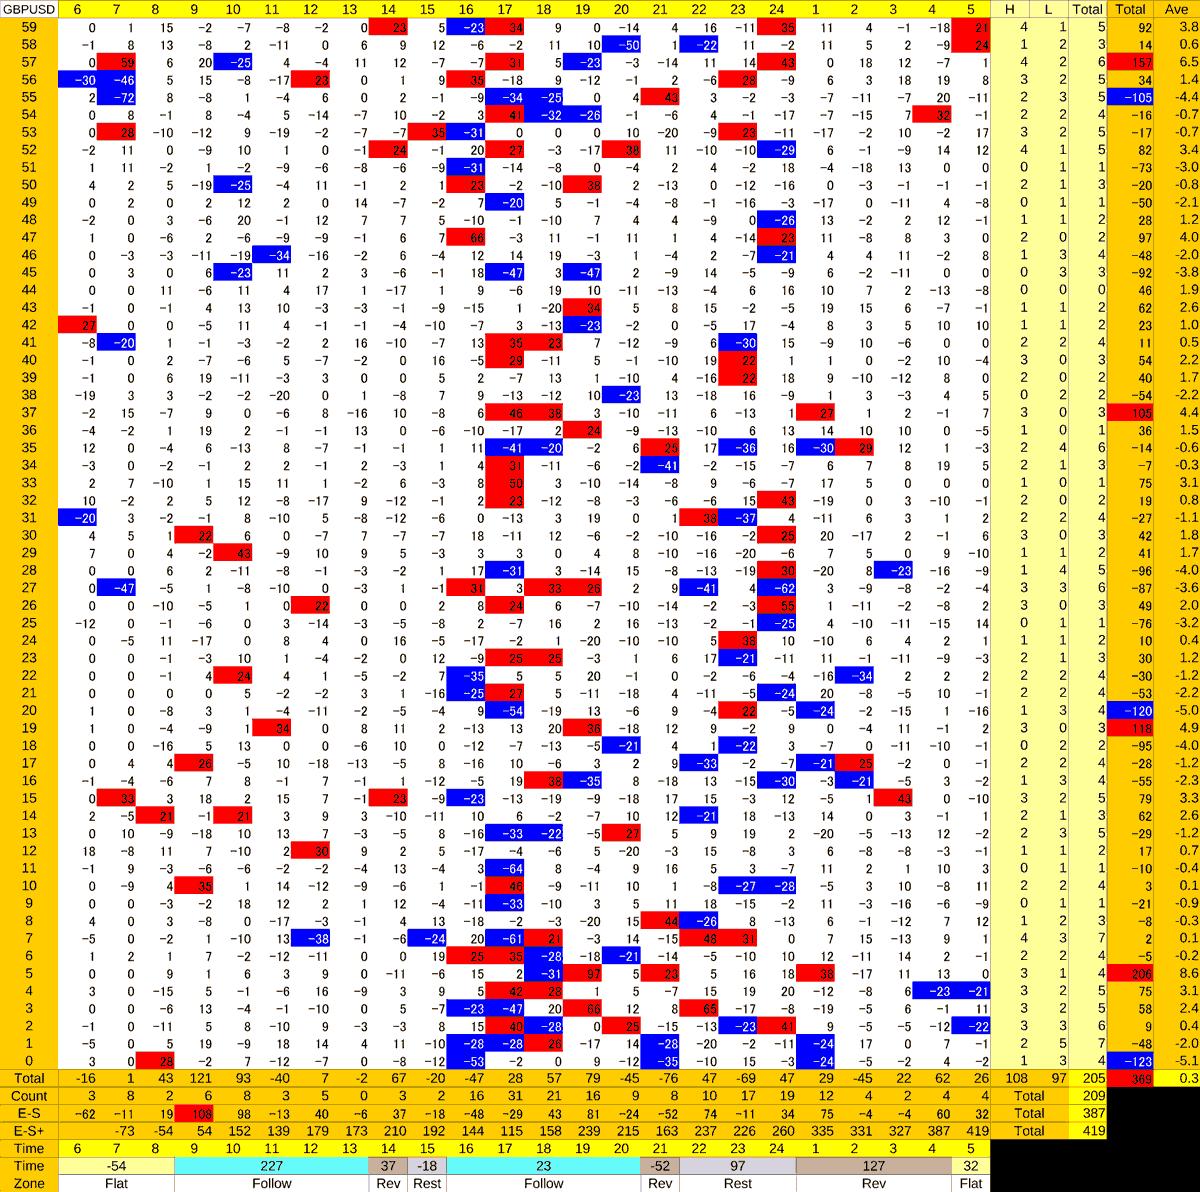 20210119_HS(2)GBPUSD